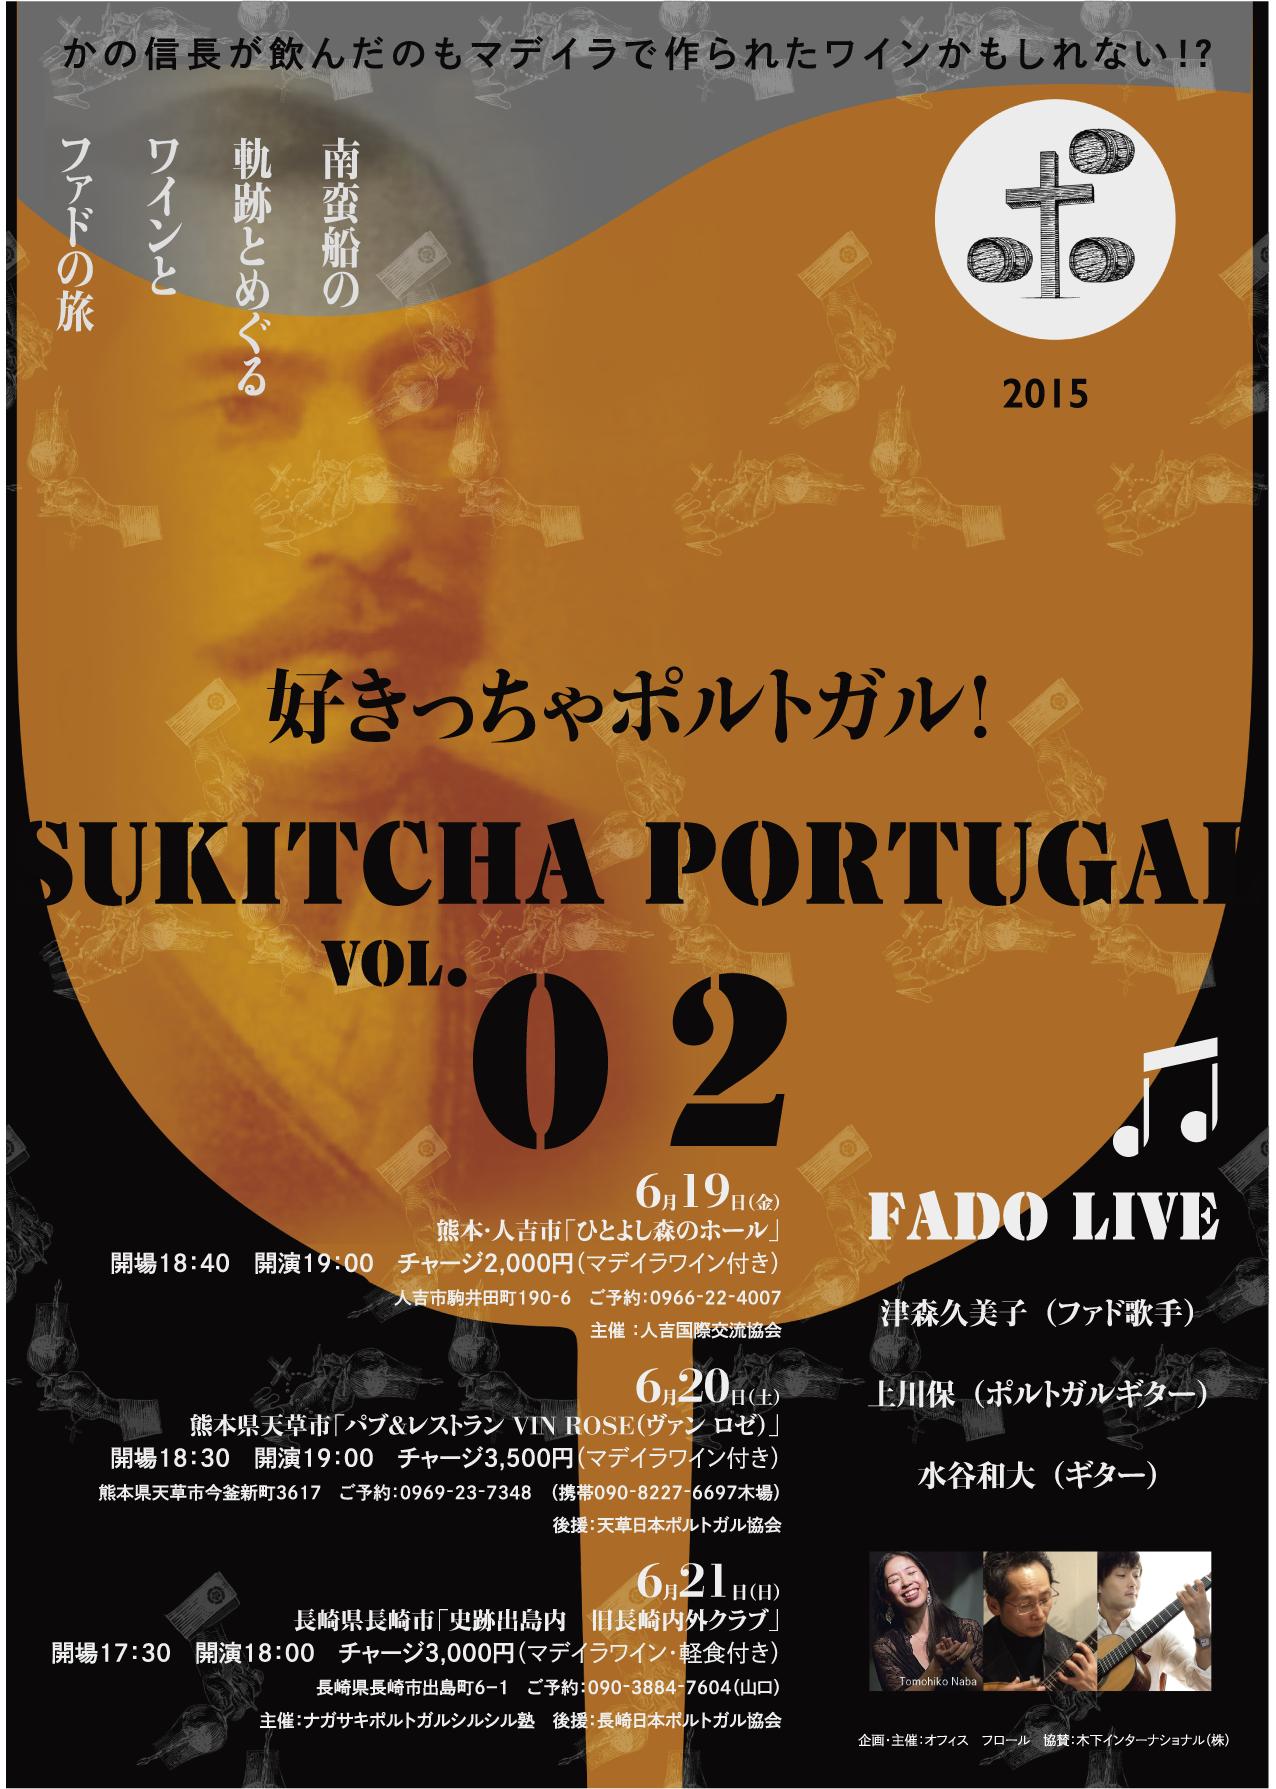 skitcha_data-01